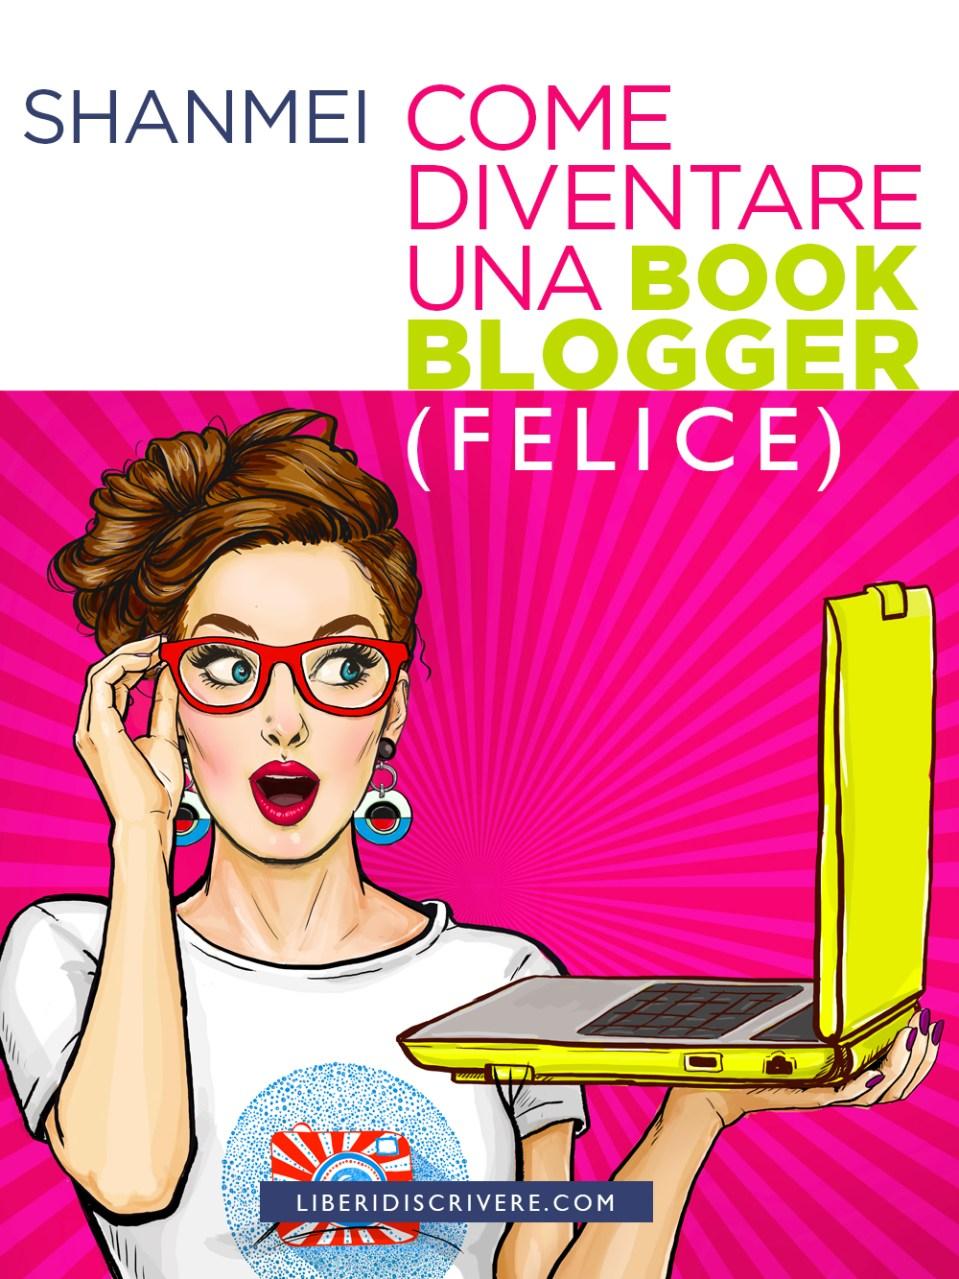 Come diventare una book blogger (felice) Book Cover